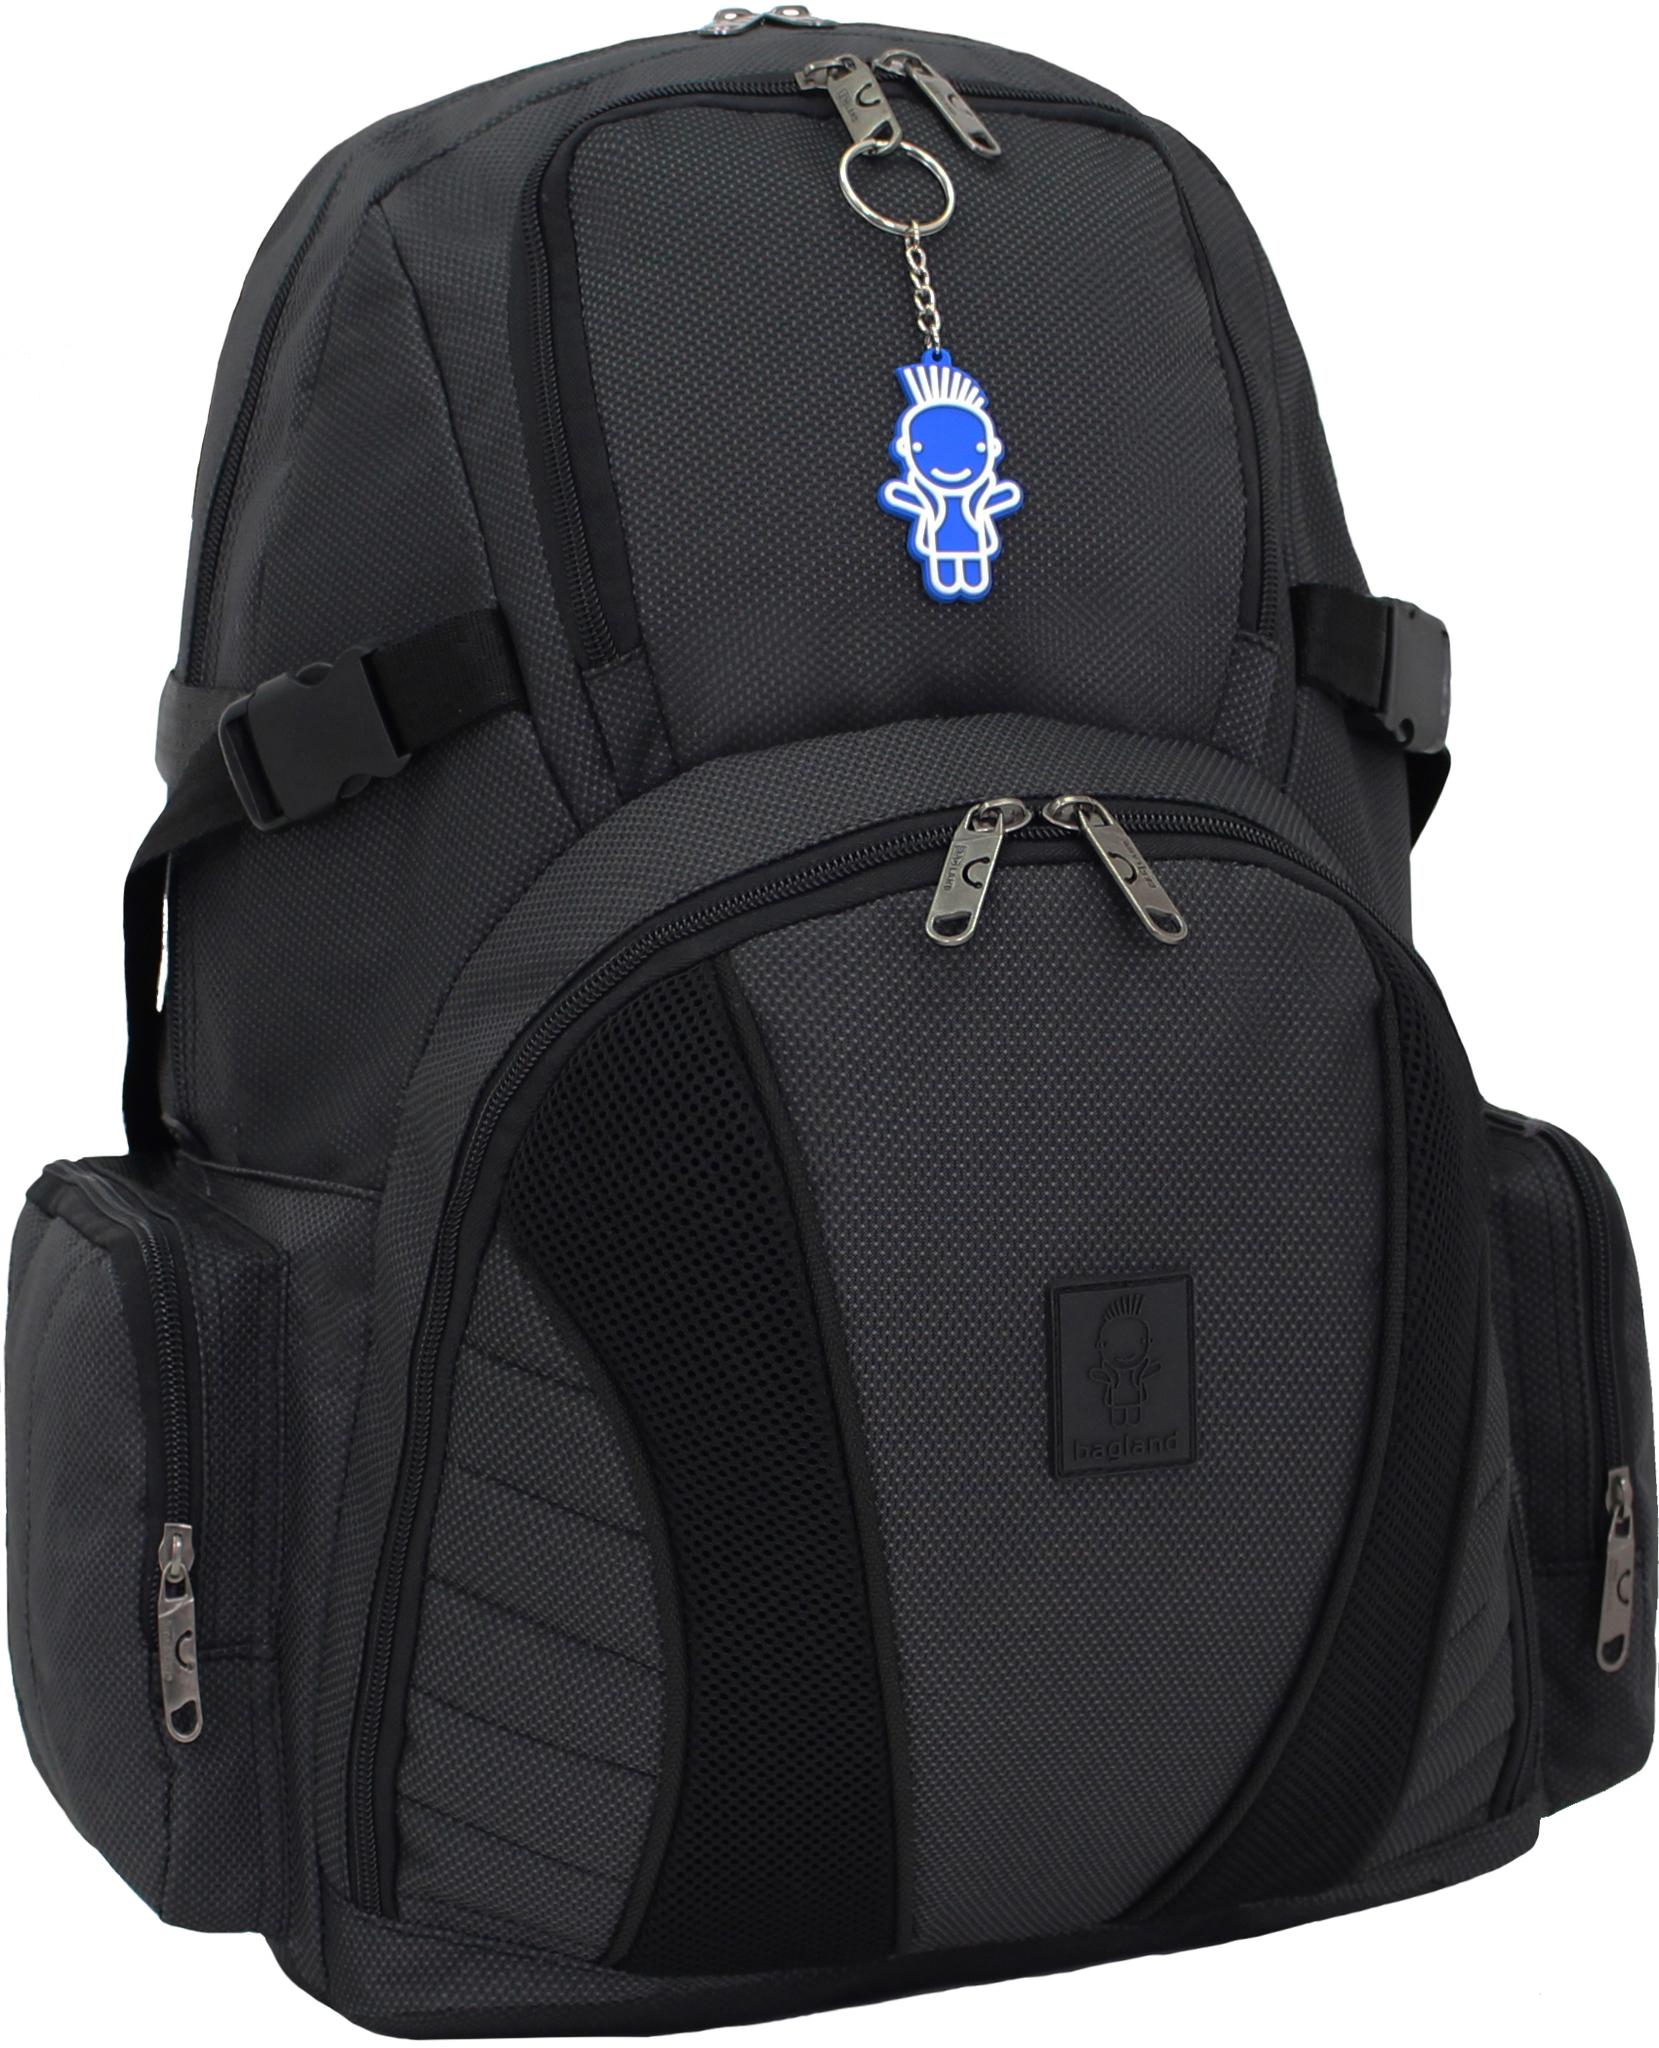 Городские рюкзаки Рюкзак Bagland Звезда 35 л. Чёрный (00188169) IMG_1228.JPG